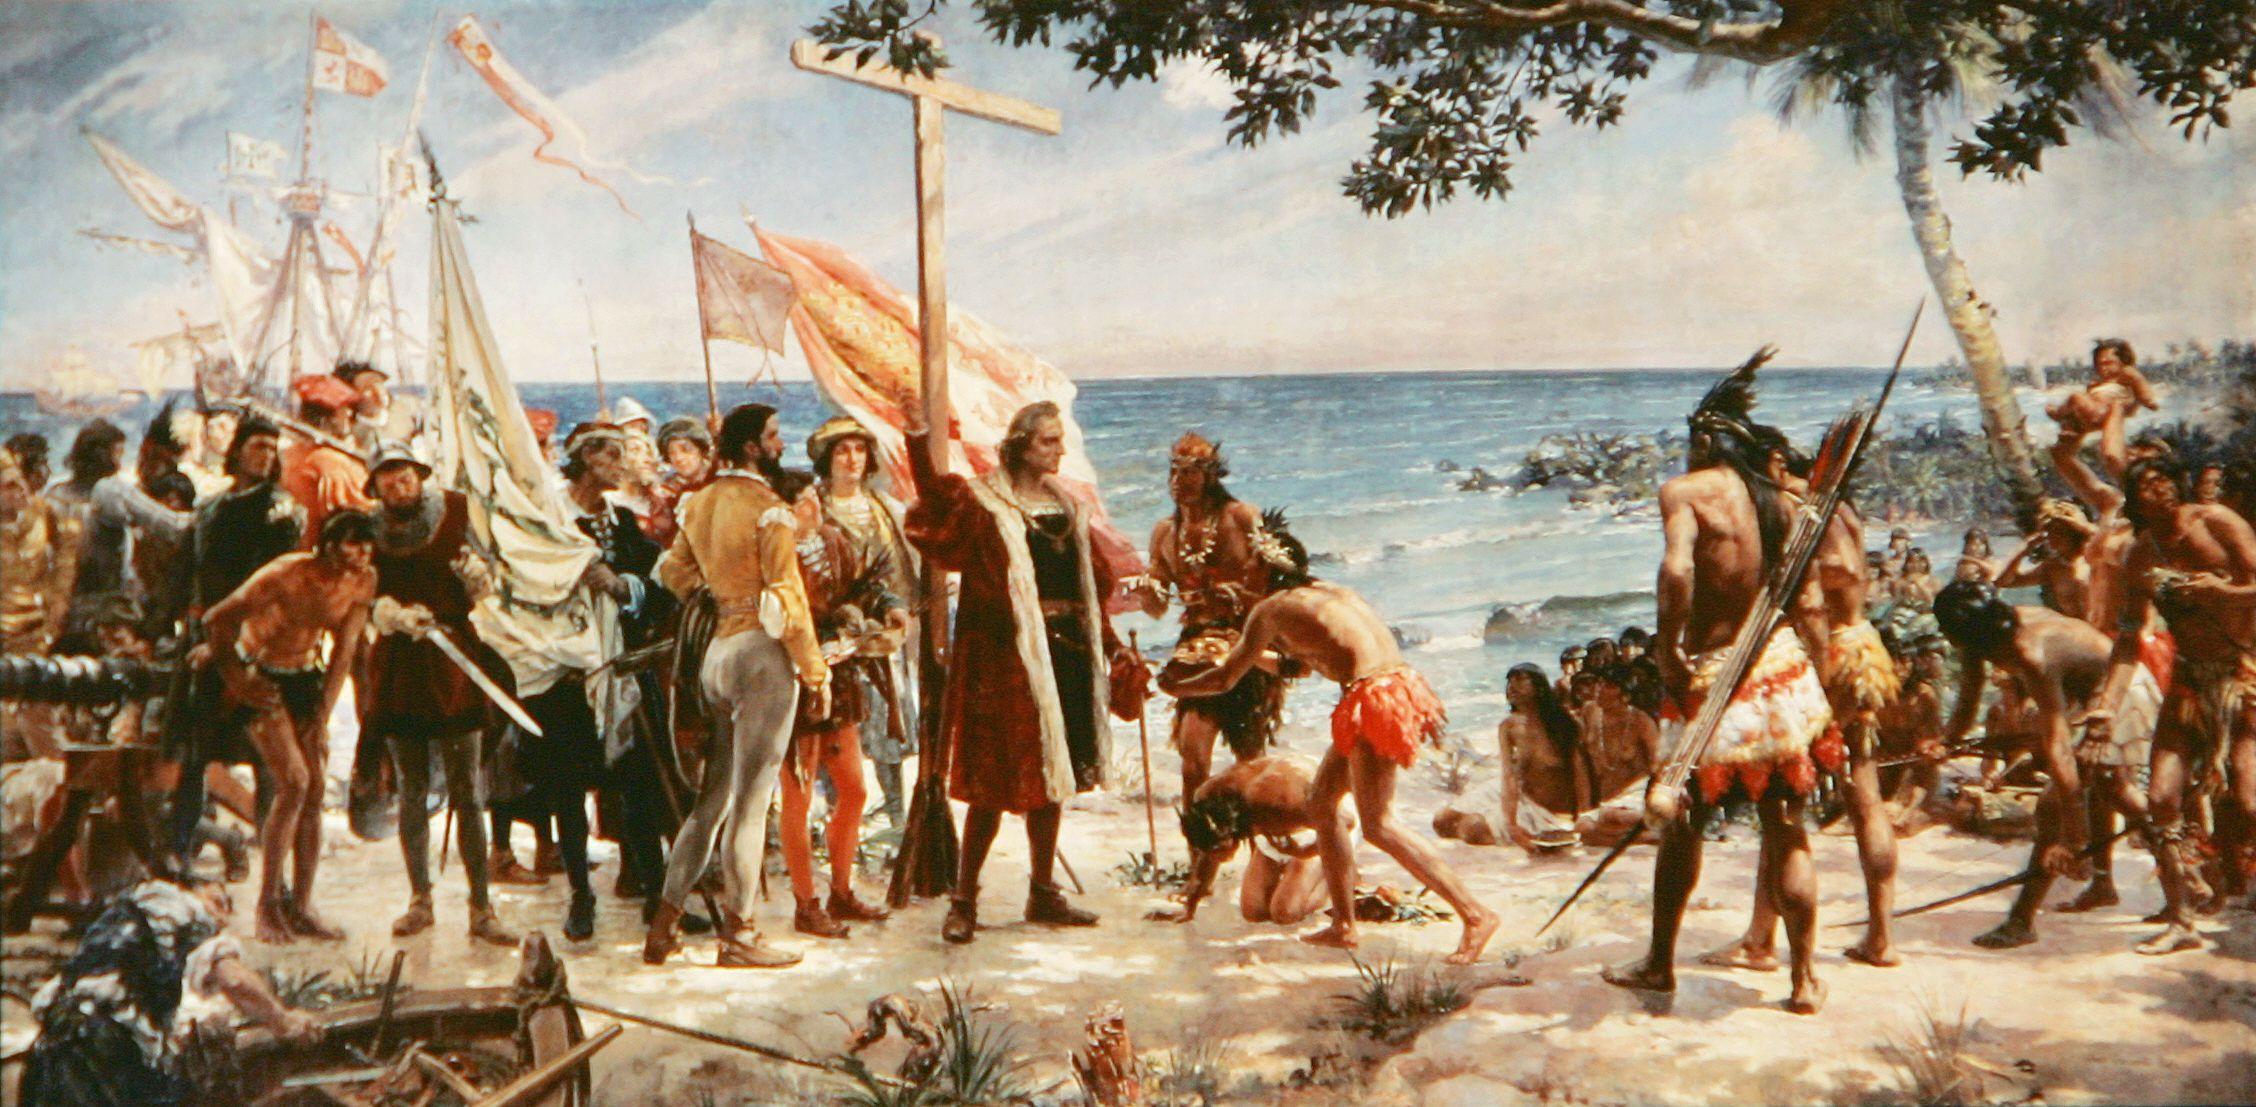 Un Dia Como Hoy 27 De Octubre En 1492 Cristobal Colon Descubrio La Isla De Cuba Afirmo Esta Es La Tier Indigenous Peoples Day Christopher Columbus Columbus